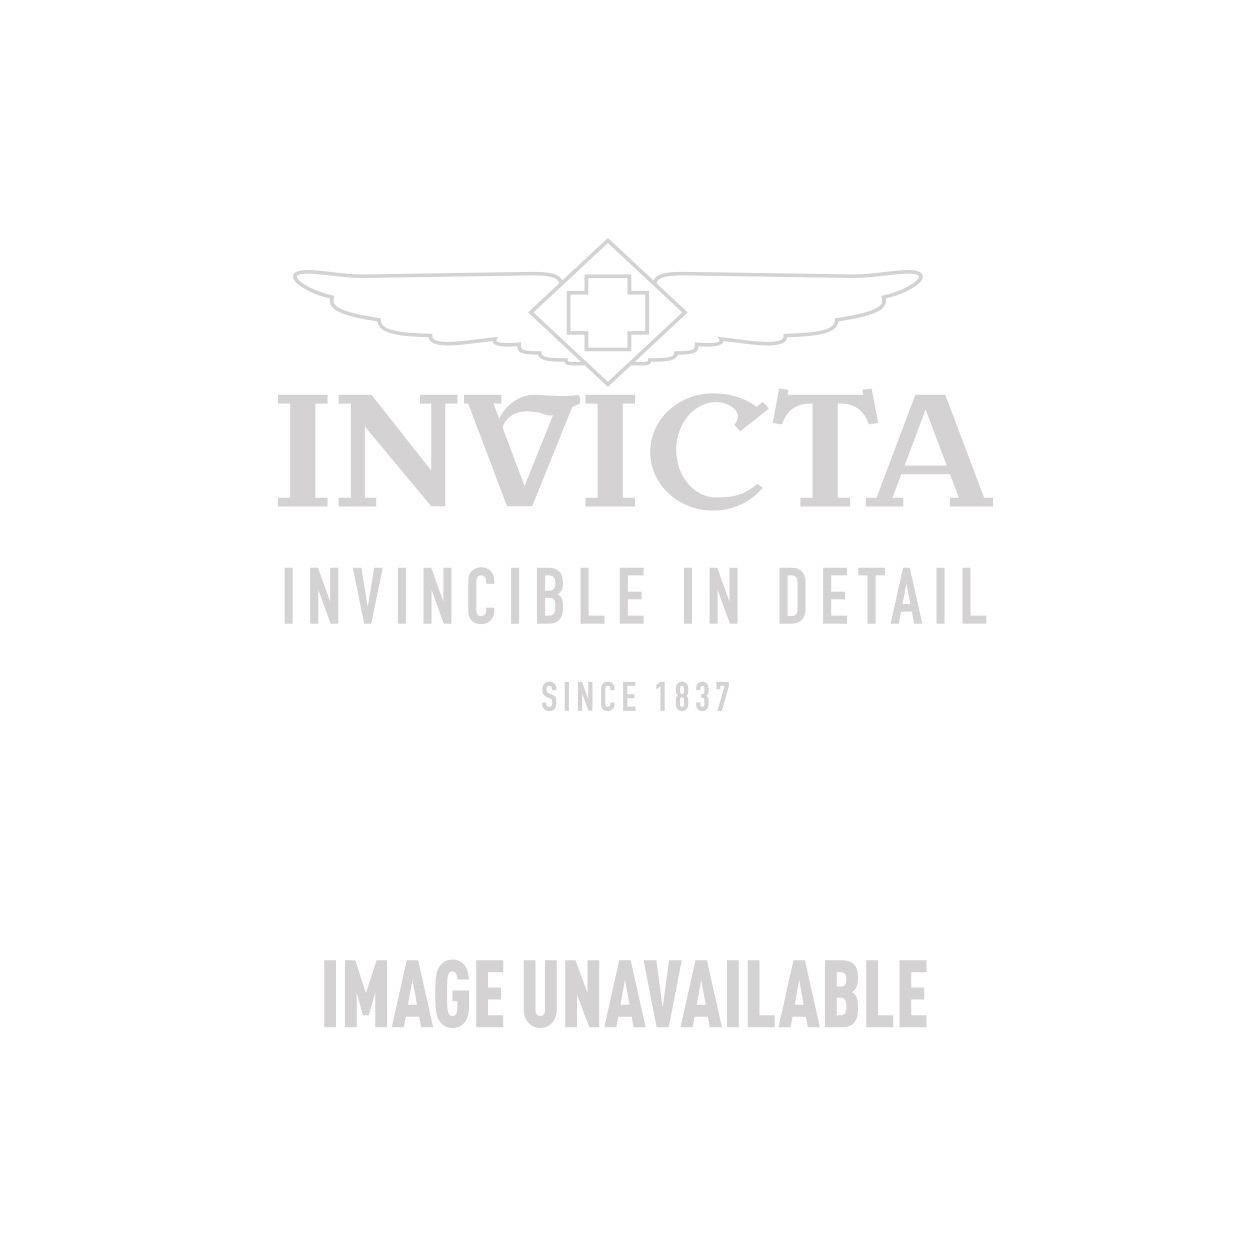 Invicta Model 25169